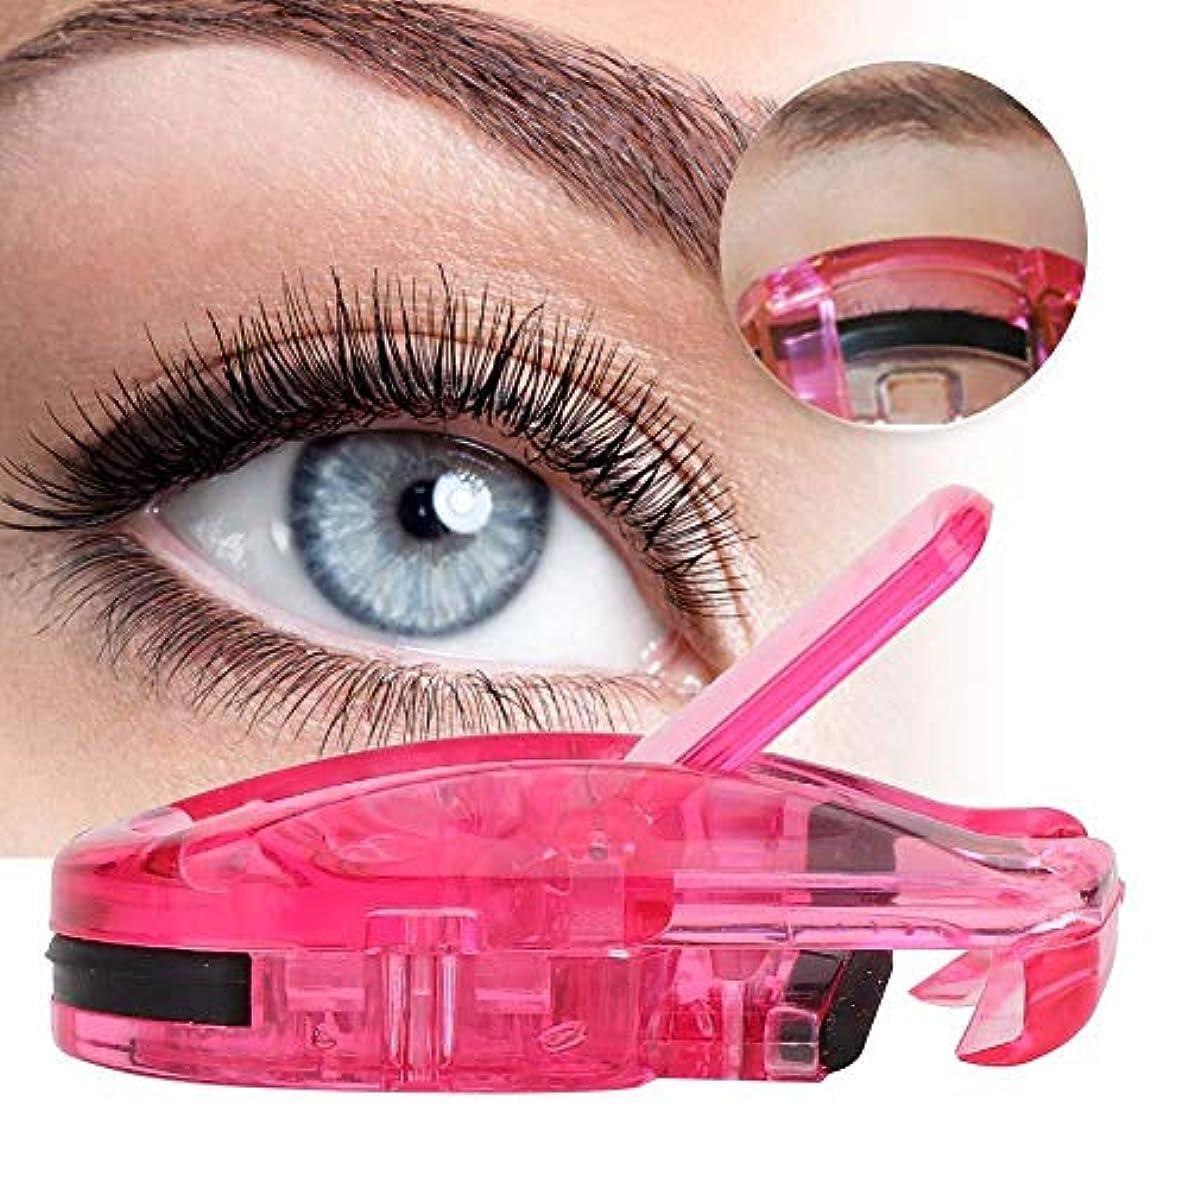 アイラッシュカーラー ミニサイズ ビューラー 持ち便利 睫毛 まつ毛 化粧道具 ビューラー クリップ クリップ フィットカーラー 化粧ツール